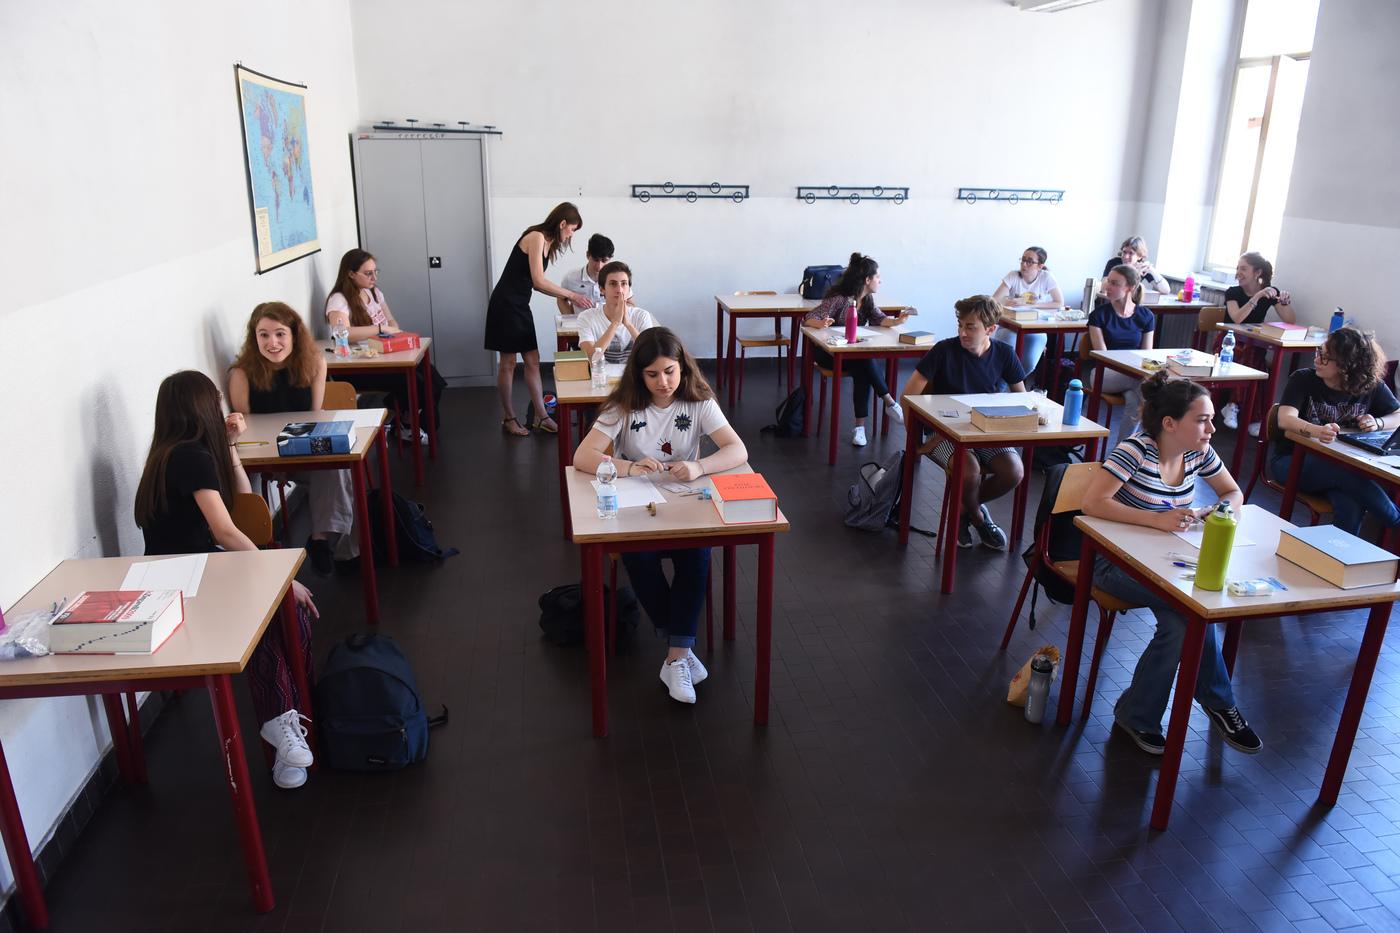 Mascherina ma solo fuori dall'aula e ore 'accorciate', a scuola una regione ripartirà così. E le altre regioni, seguiranno l'esempio?